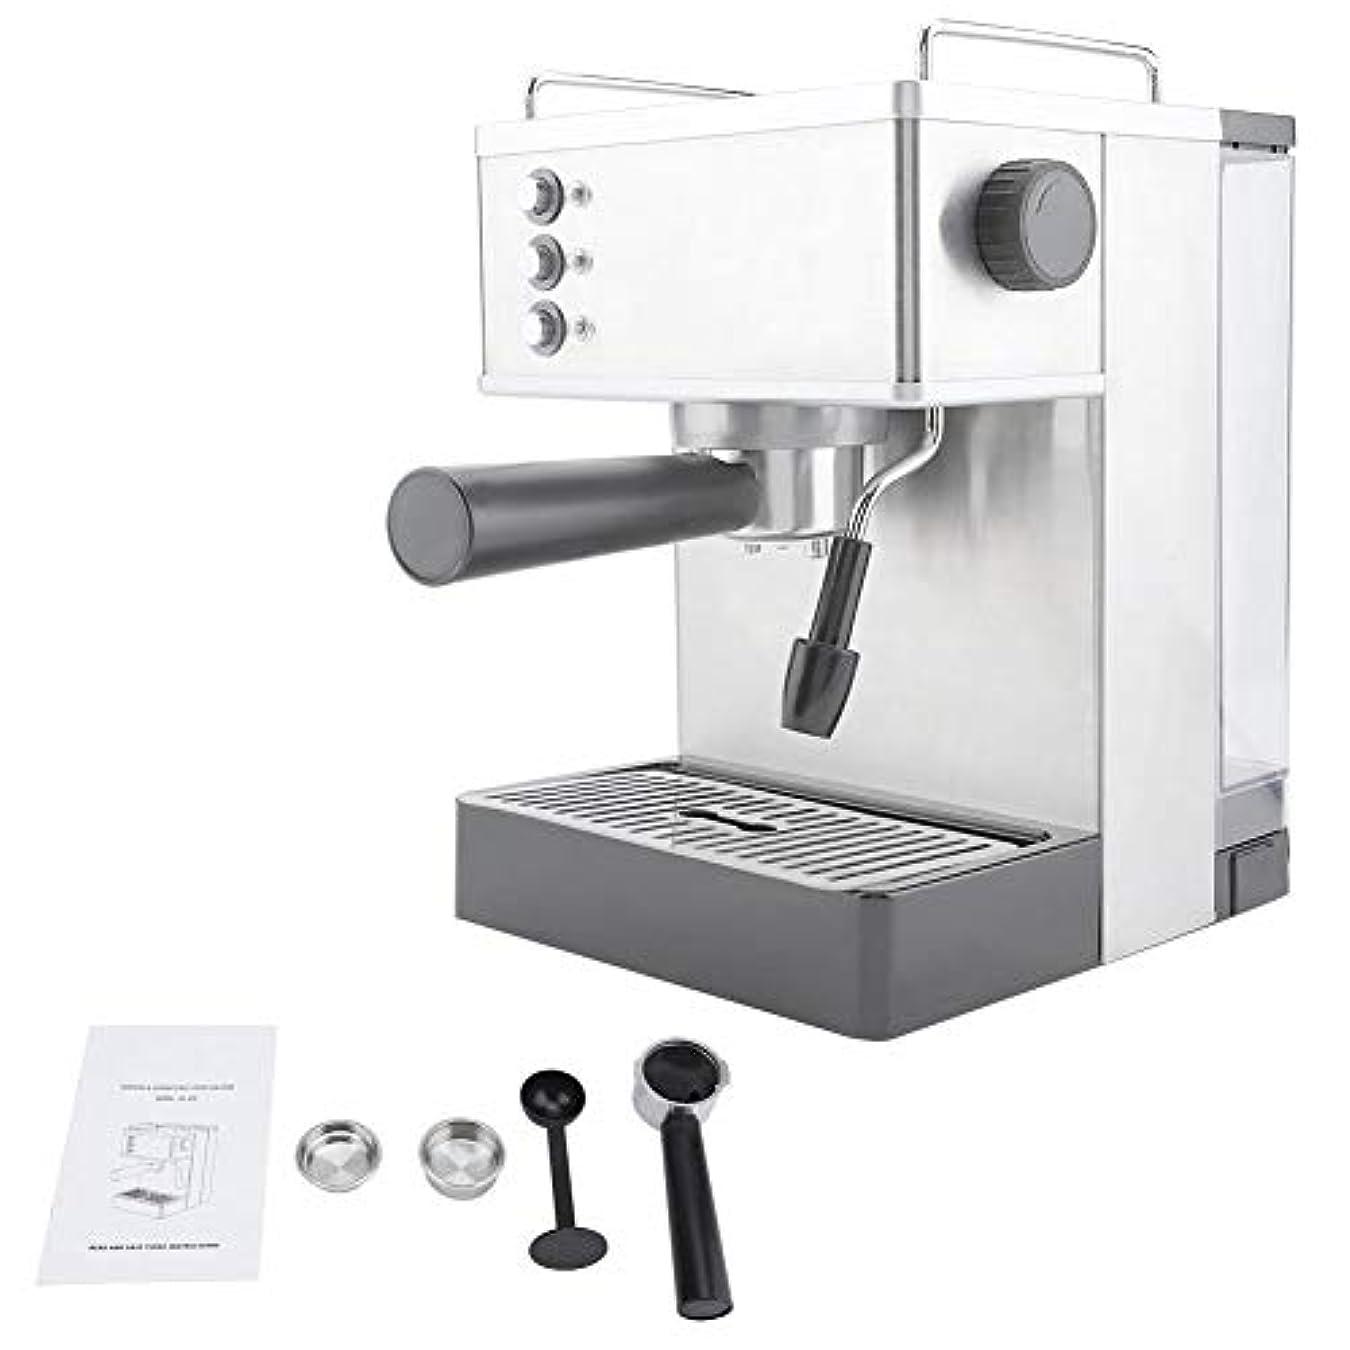 驚くばかり足首読むコーヒーマシン、ステンレススチールエスプレッソコーヒーマシンコーヒーメーカー高圧イタリアポンプ(US Plug)